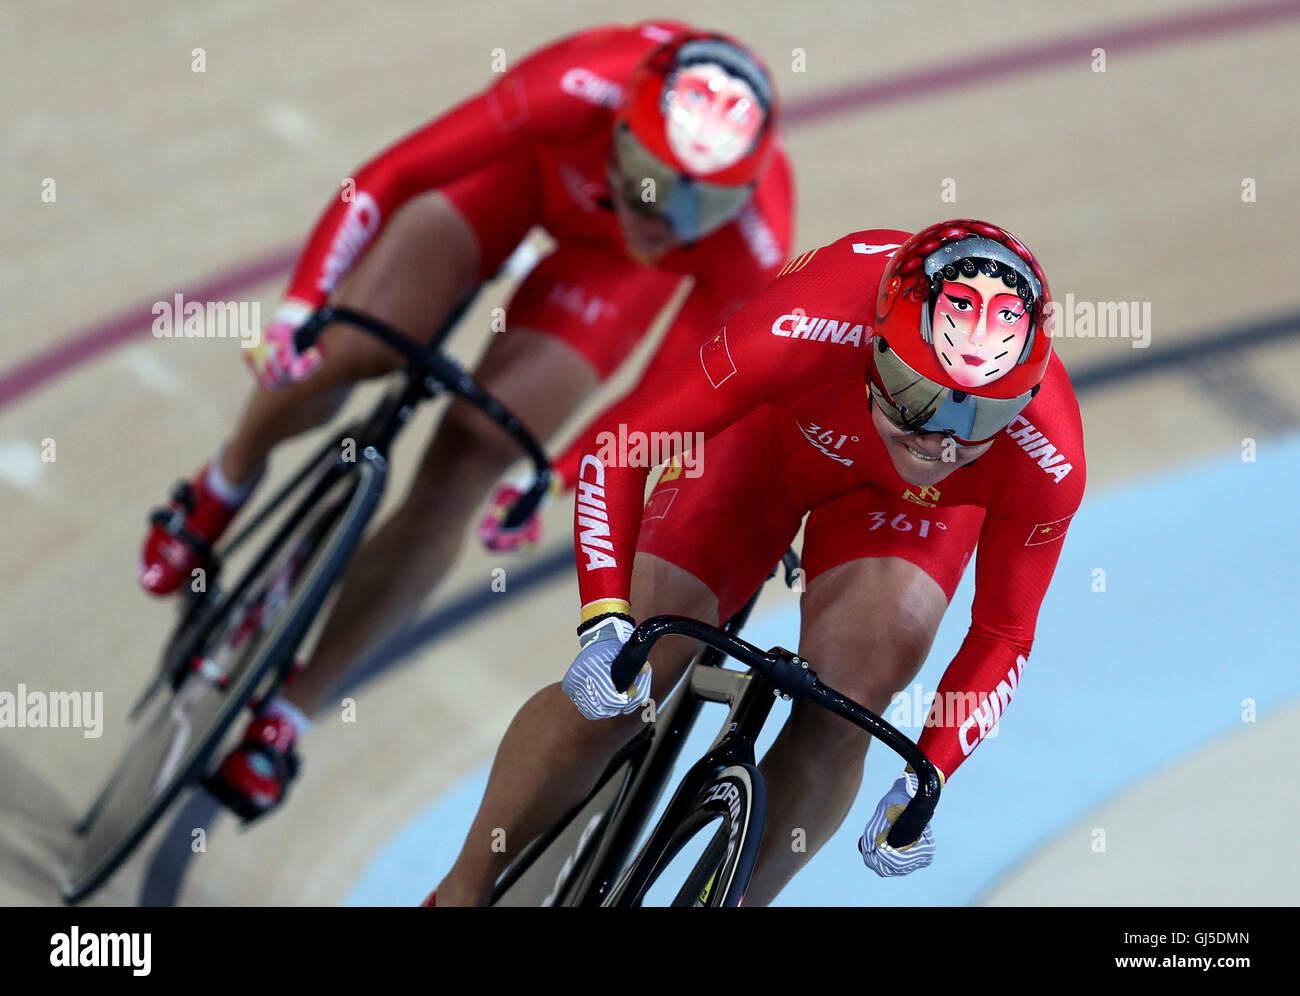 China Gong Tianshi Jinjie y Zhong deporte coloridos cascos durante el equipo femenino de Sprint en el séptimo Imagen De Stock